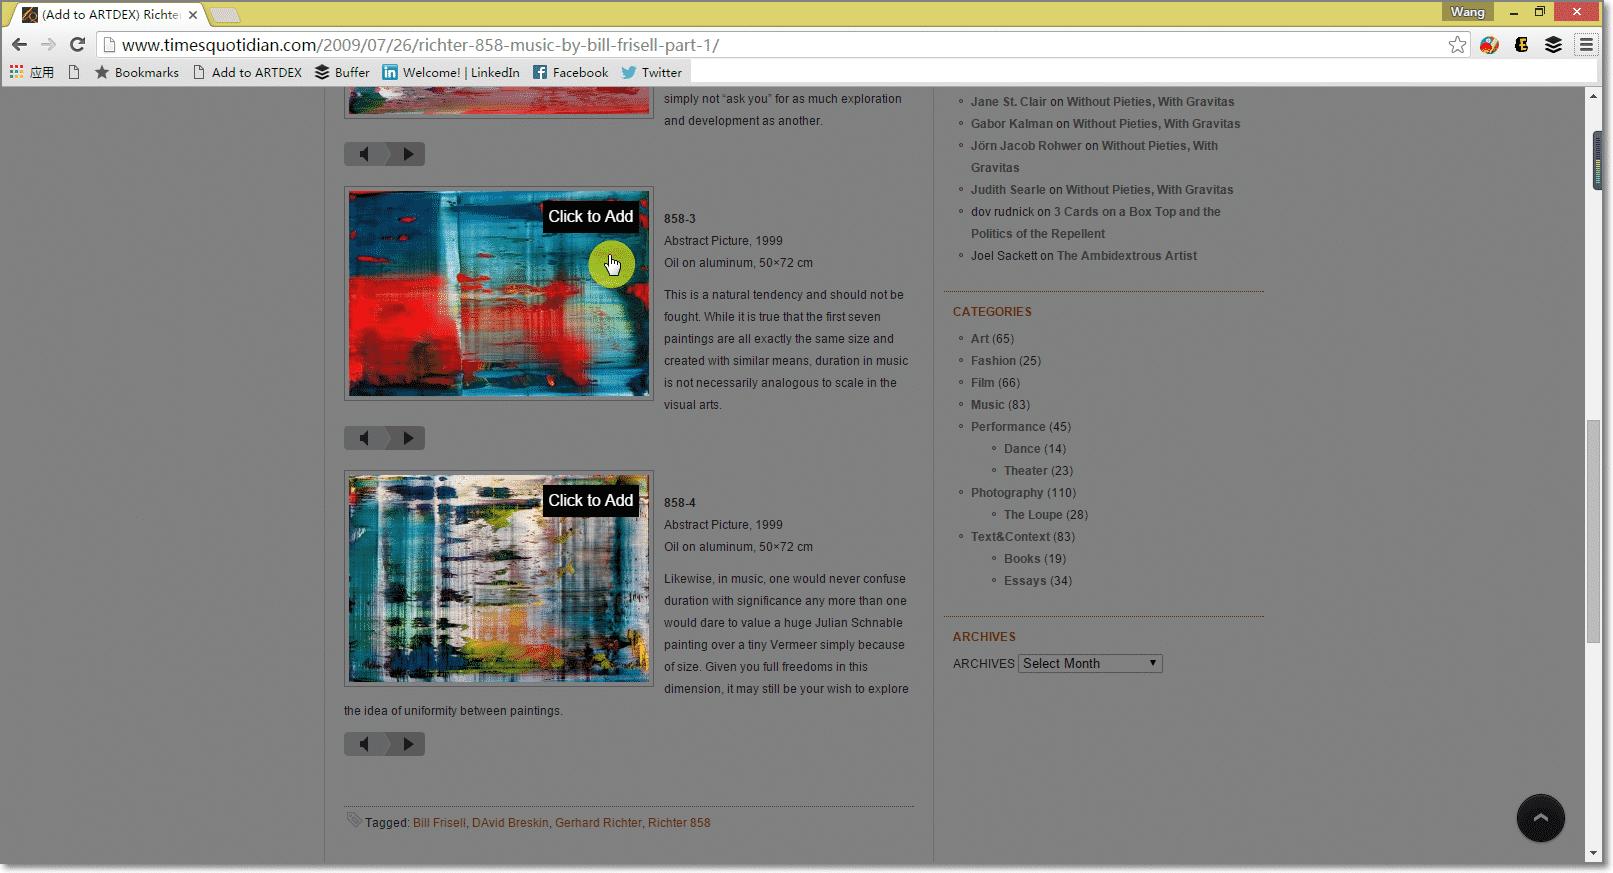 Add to ARTDEX bookmarklet